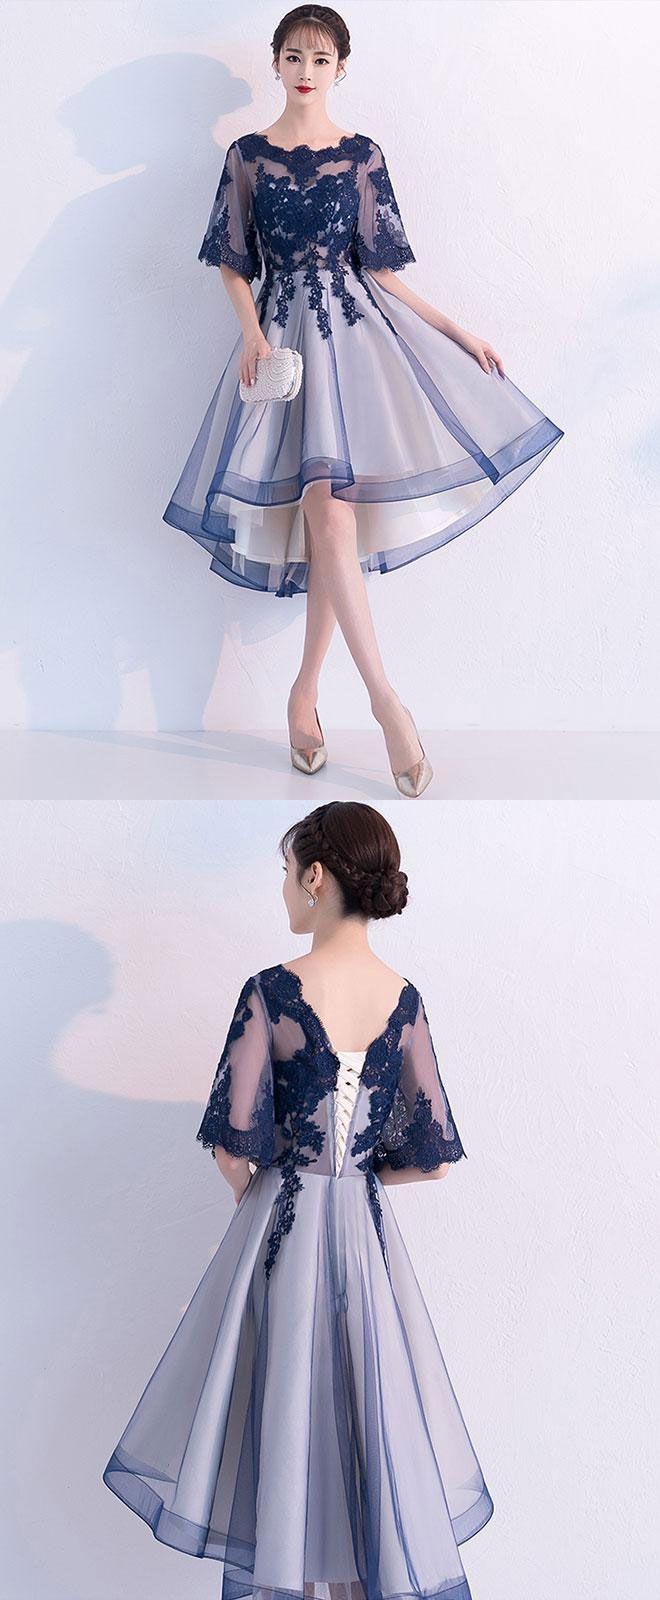 Abend Schön Kurzes Blaues Kleid für 201917 Leicht Kurzes Blaues Kleid Boutique